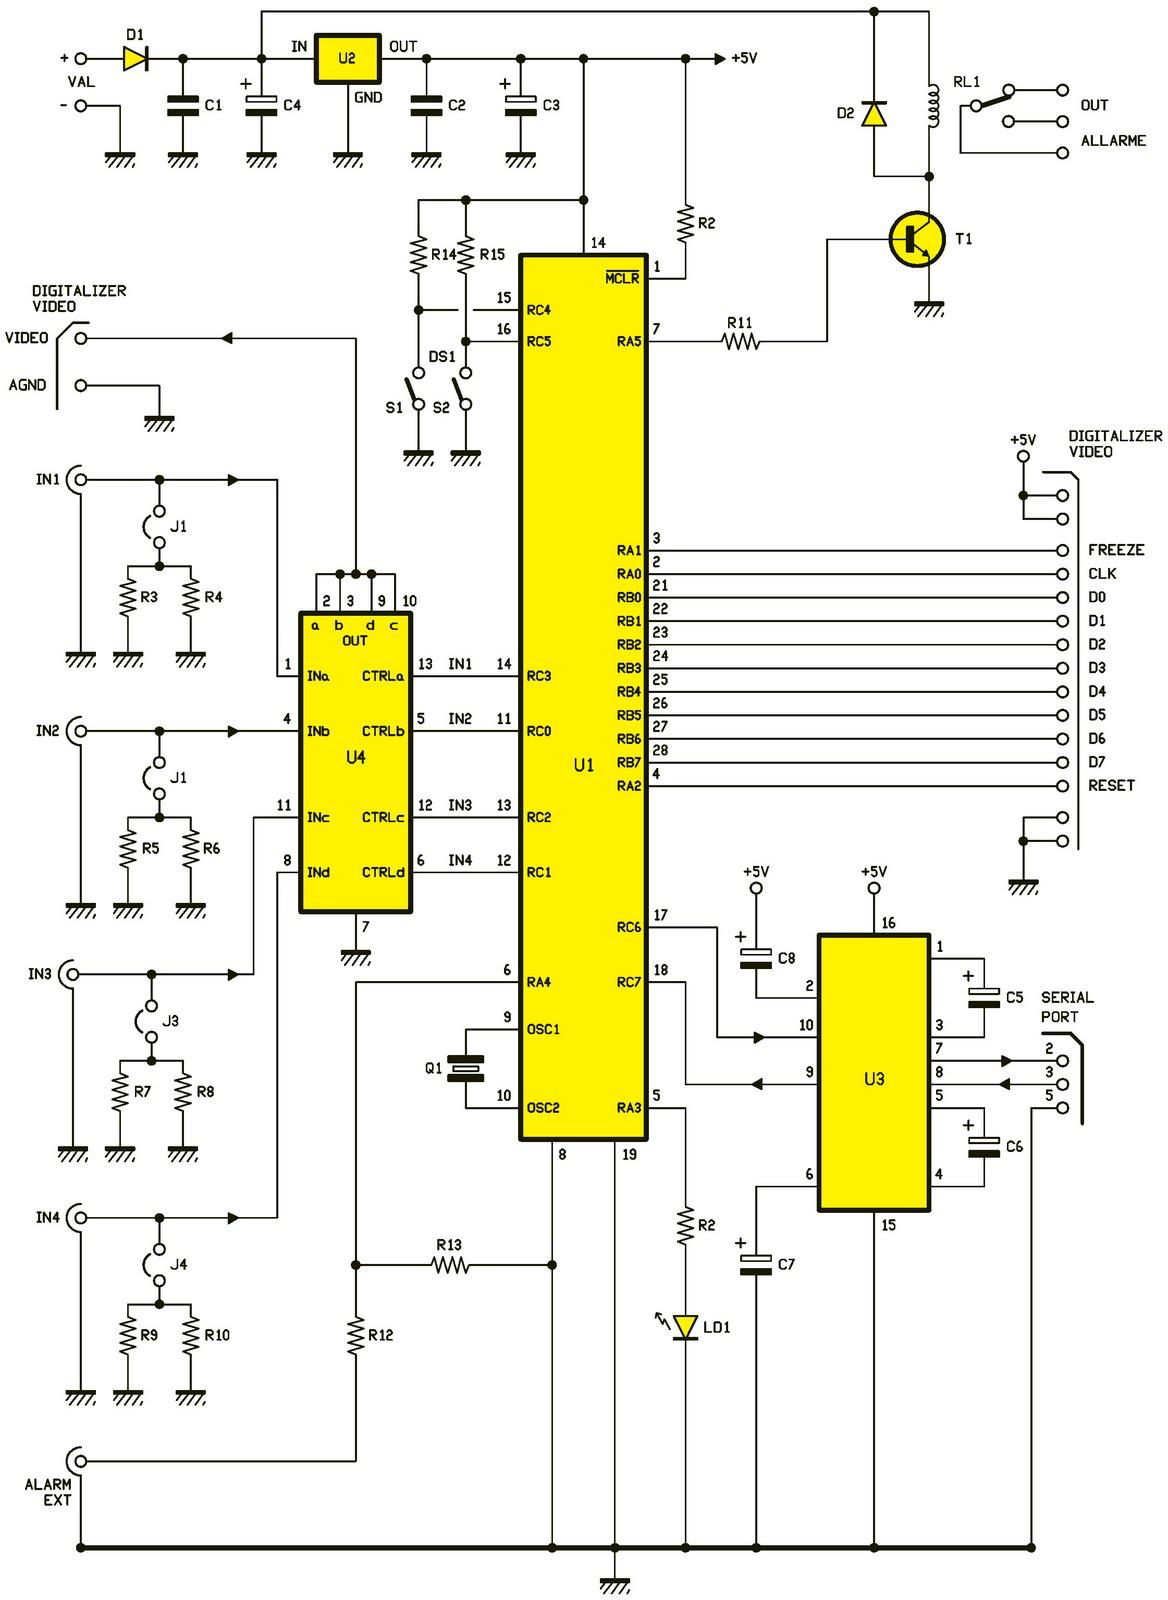 Un num riseur vid o 4 entr es avec d tection de mouvement schema electronique net - Schema electronique detecteur de mouvement ...